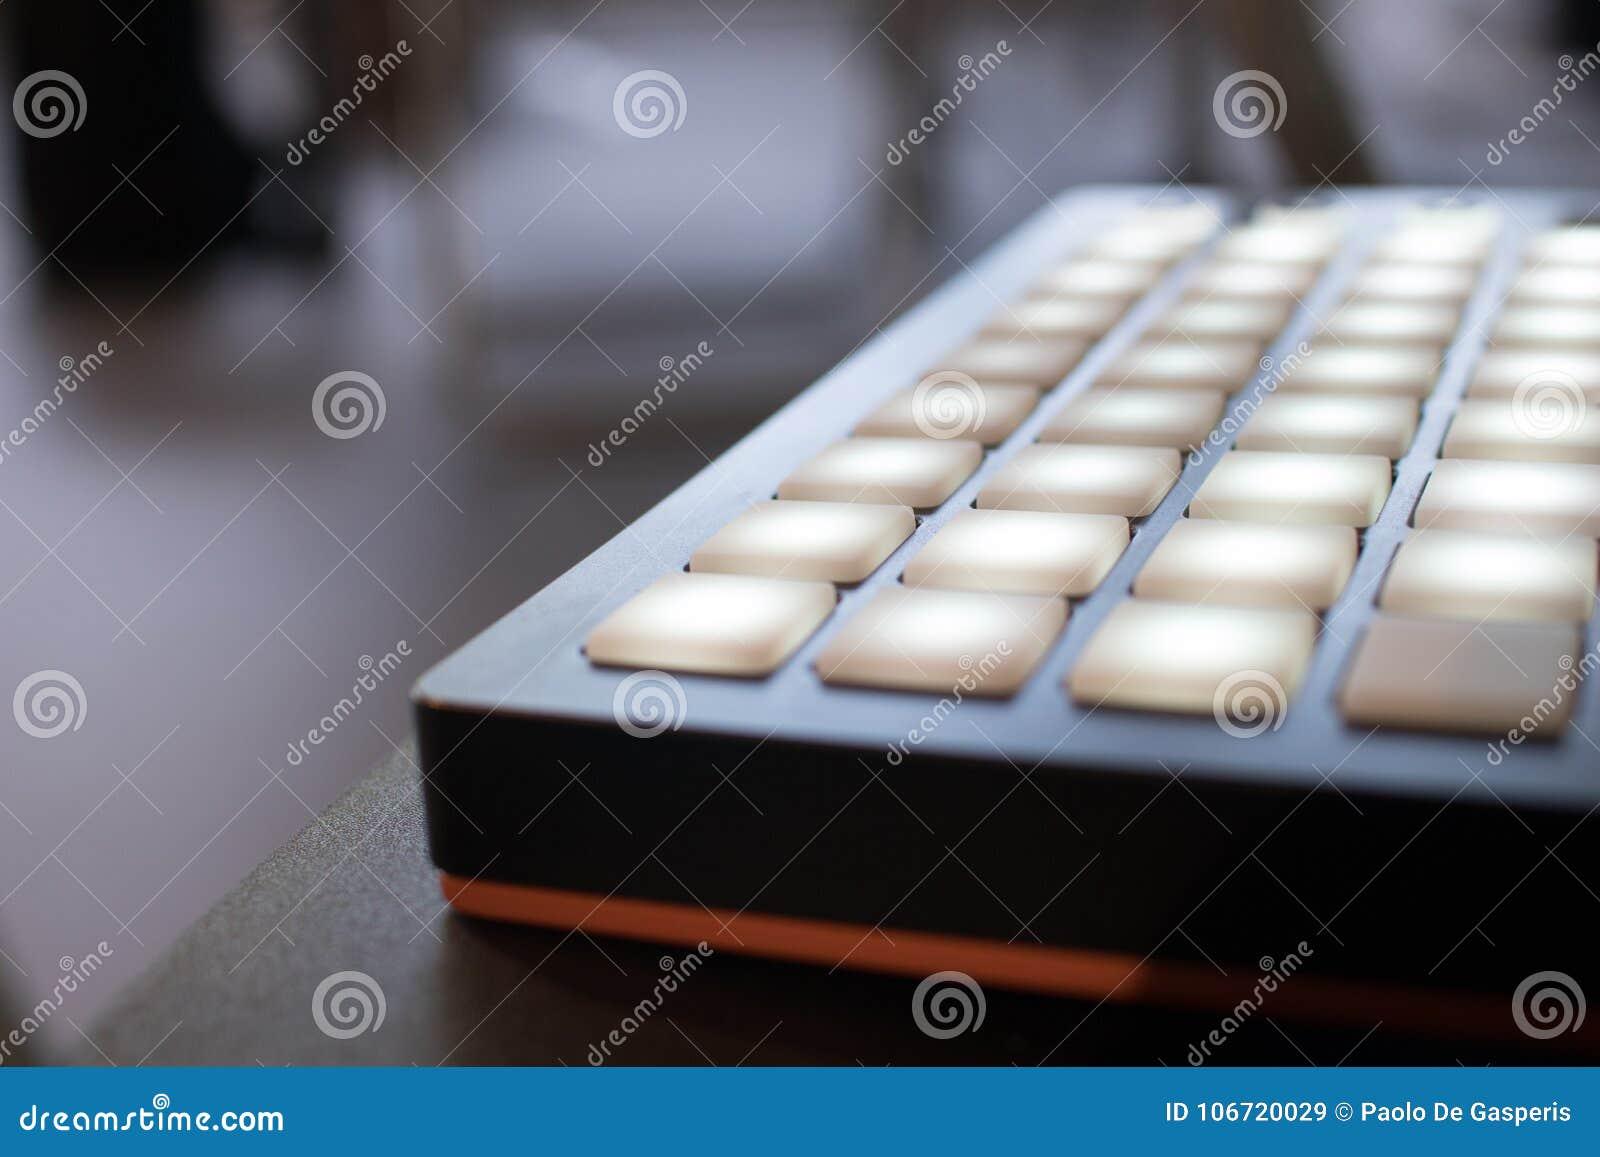 Instrument de musique pour la musique électronique avec une matrice de 64 clés